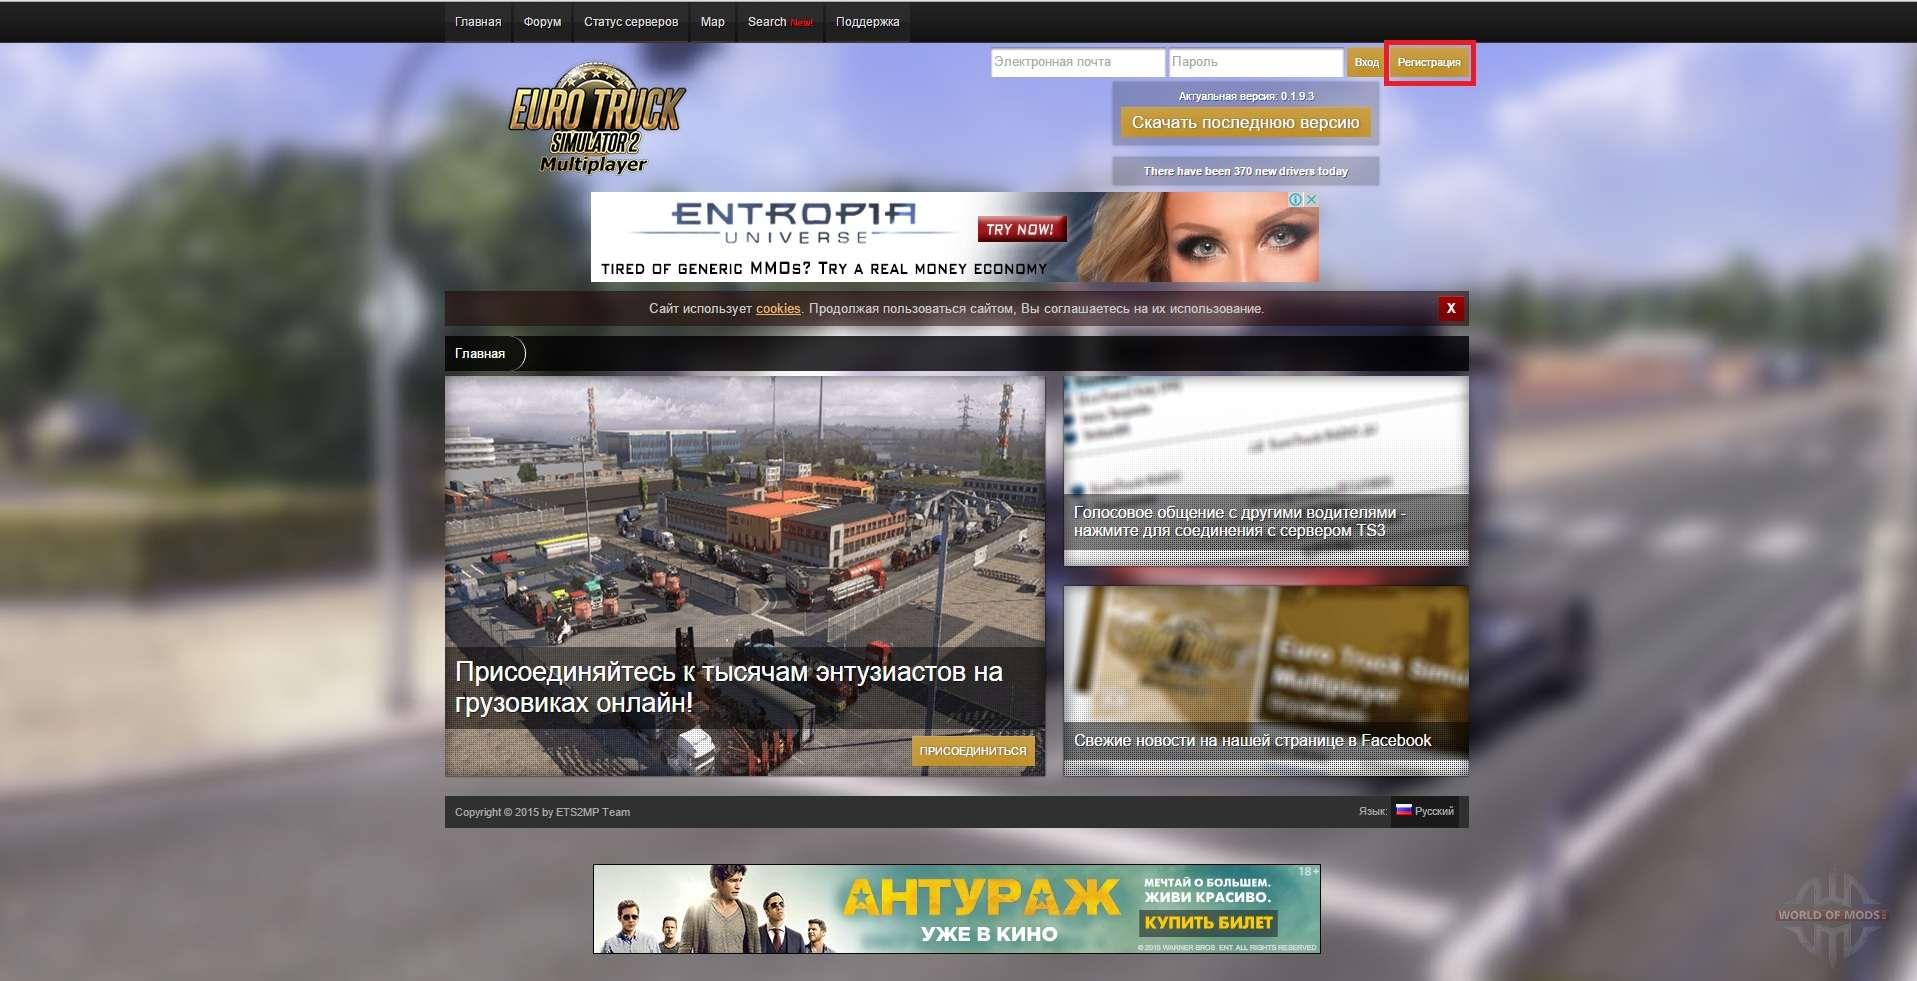 Скачать Мультиплеер Euro Truck Simulator 2 Для Steam